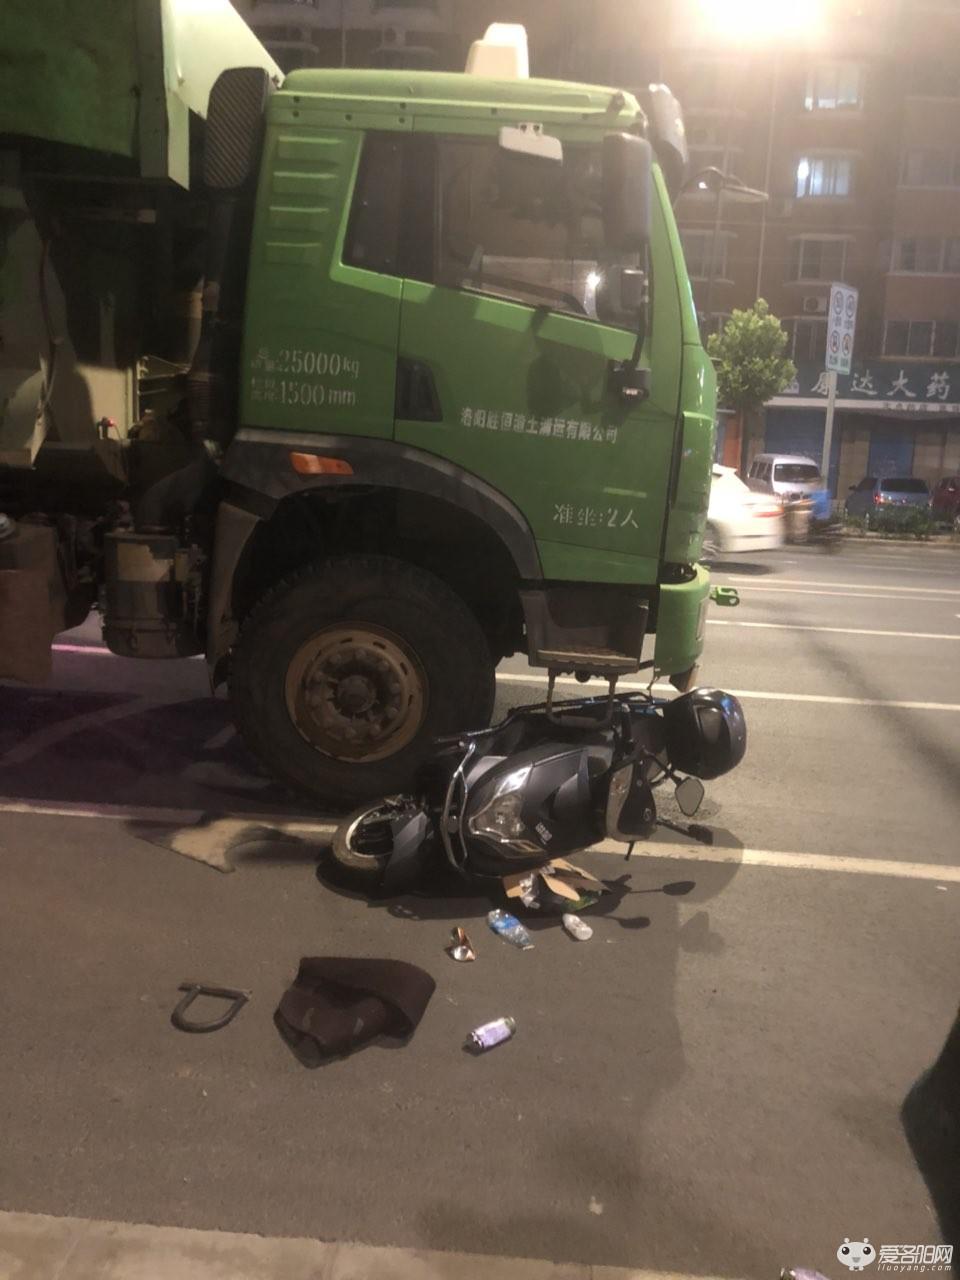 可怕 孟津新310和朝阳交叉口发生车祸,一女子被渣土车卷入轮下 人都浓了